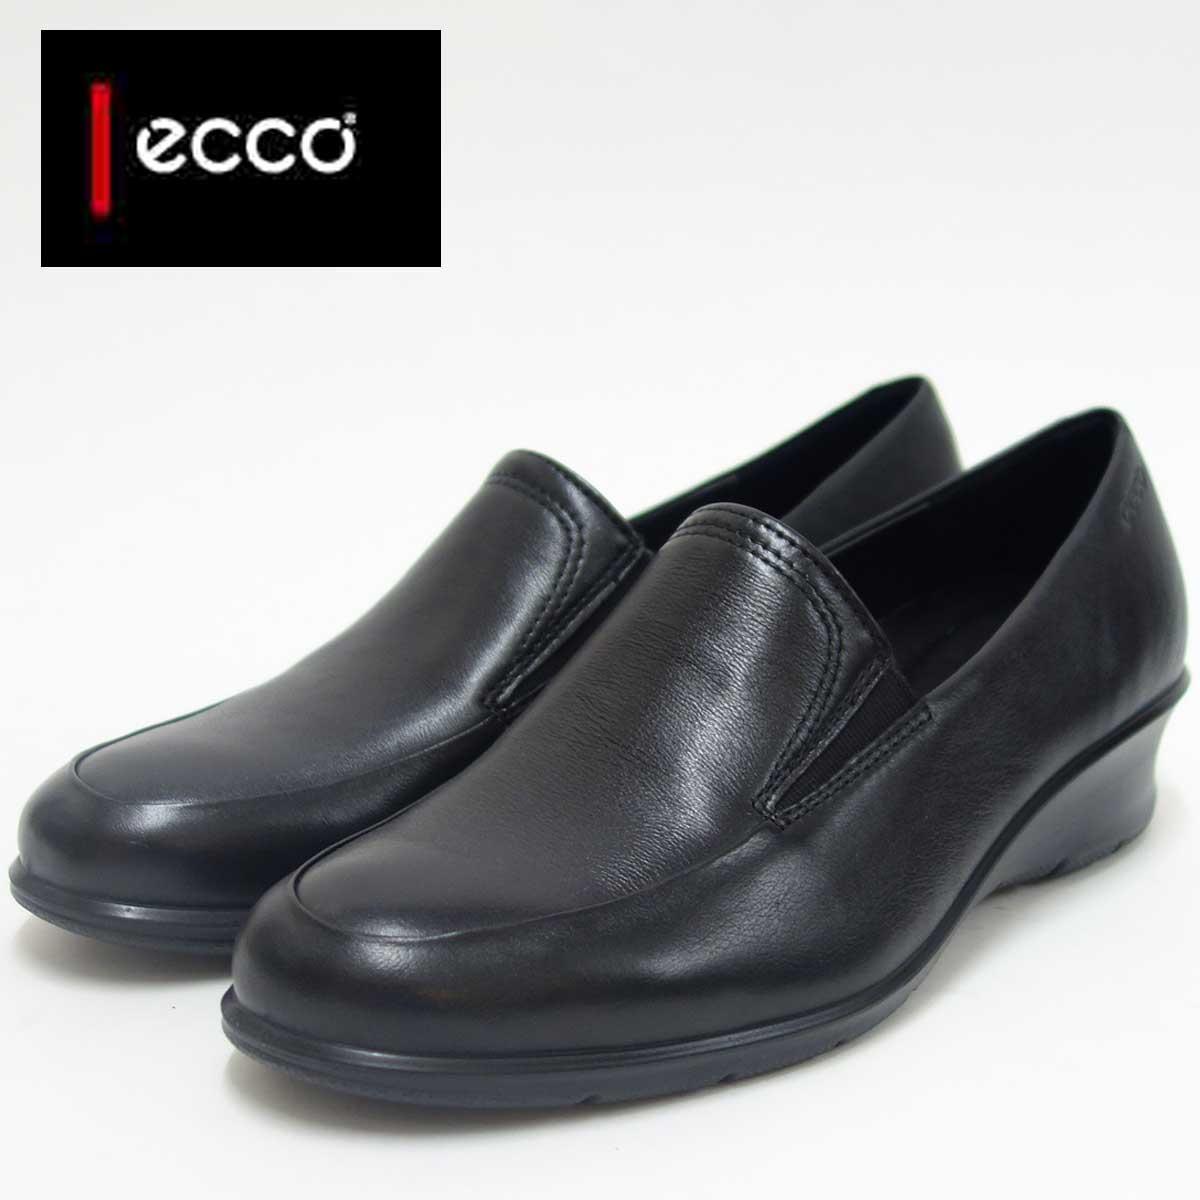 ECCO エコー 217053 ブラック(レディース)上質レザースリッポンシューズお洒落カジュアル&ウォーキング天然皮革コンフォートシューズ「靴」